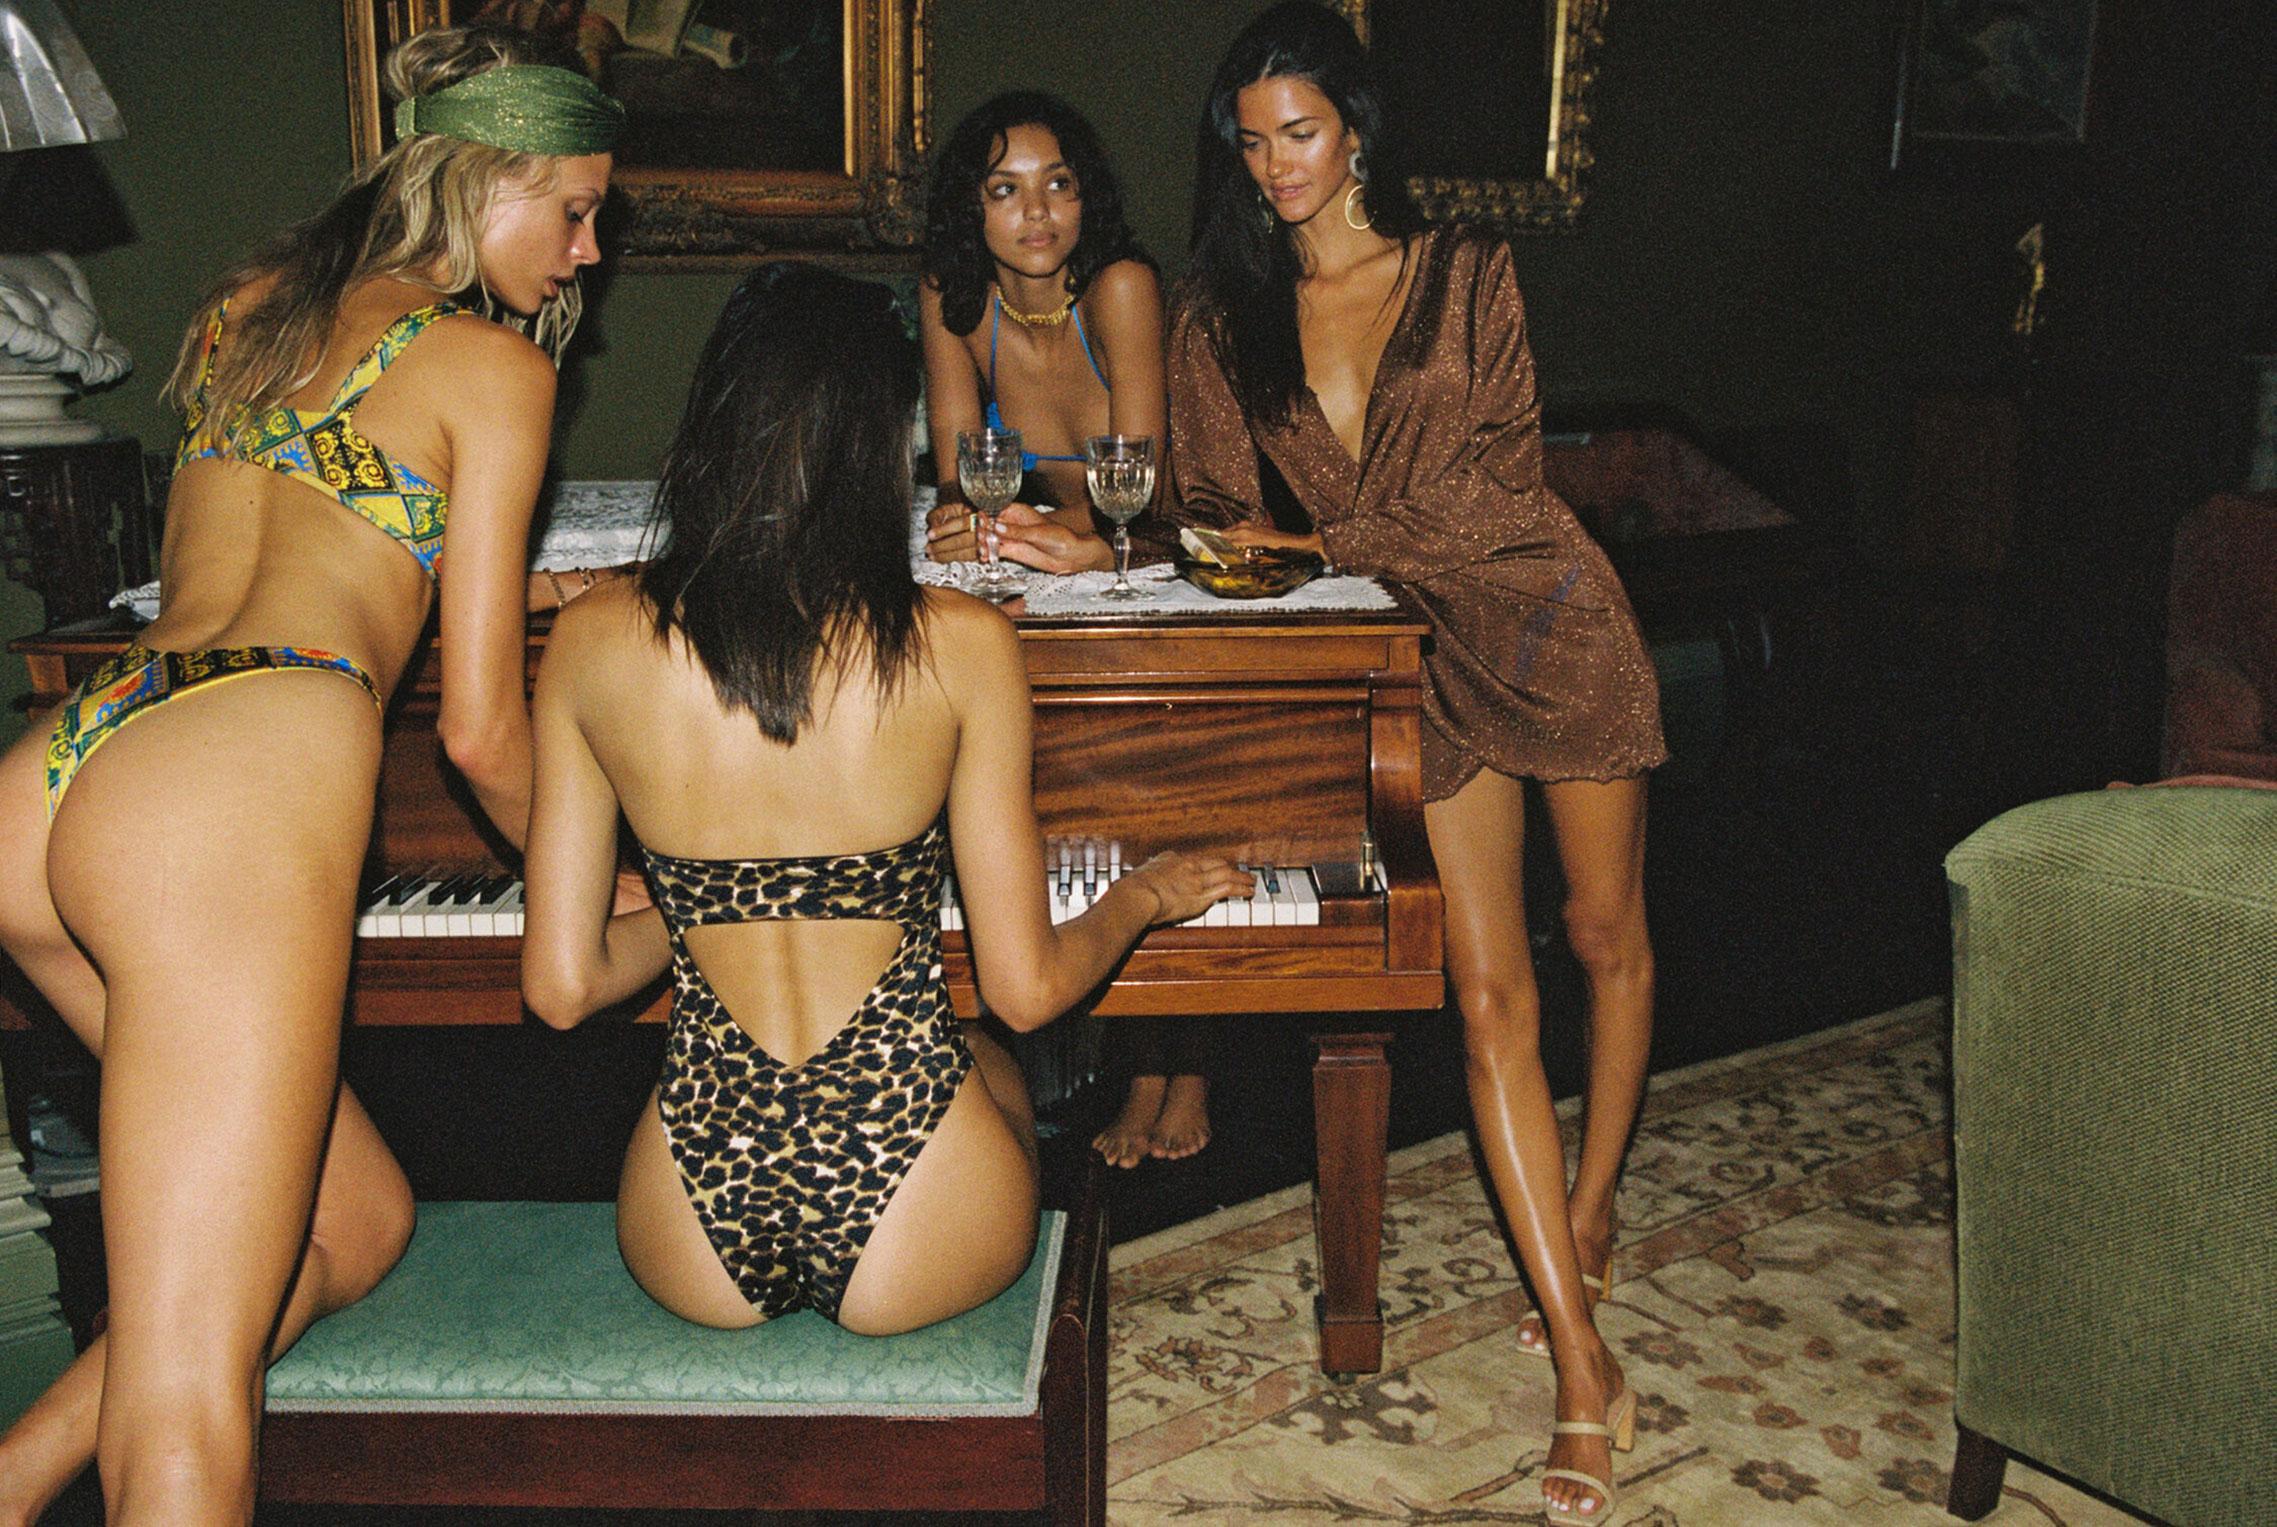 гедонистические развлечения богемы в рекламной кампании коллекции курортной одежды Sommer Swim 2020 / фото 01